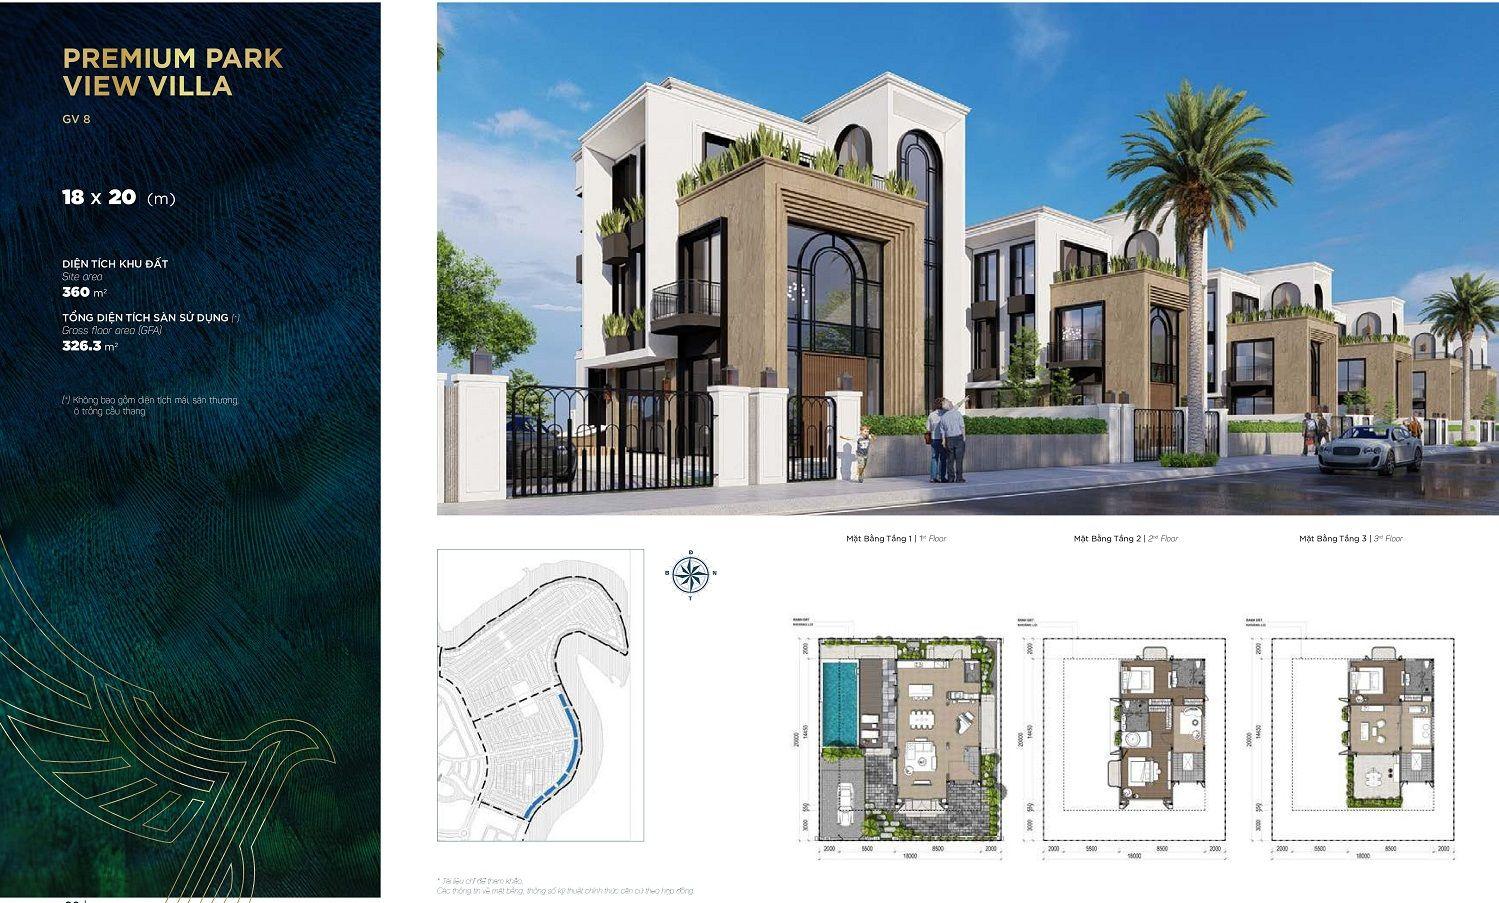 Thiết kế chi tiết biệt thự đơn lập diện tích 18x20m dự án Aqua City